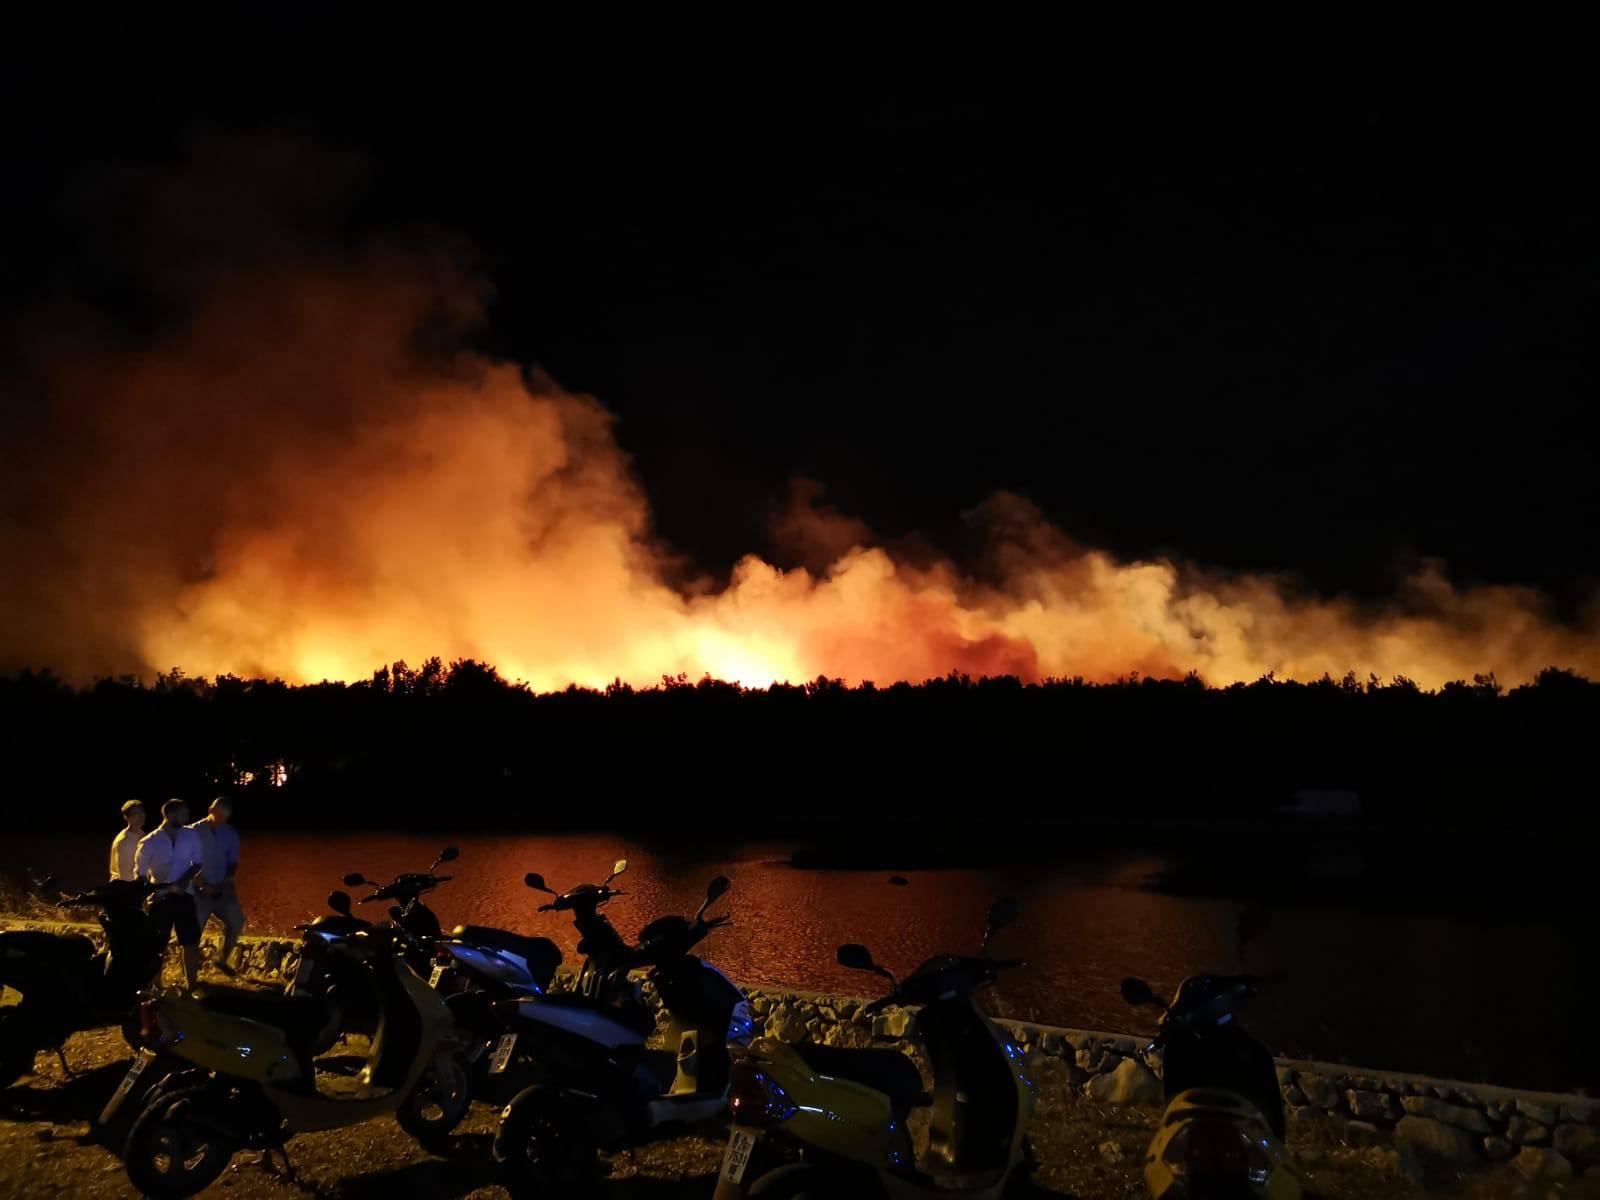 Uzrok požara na Zrću otvoreni plamen: 'Jesu li bacili opušak?'